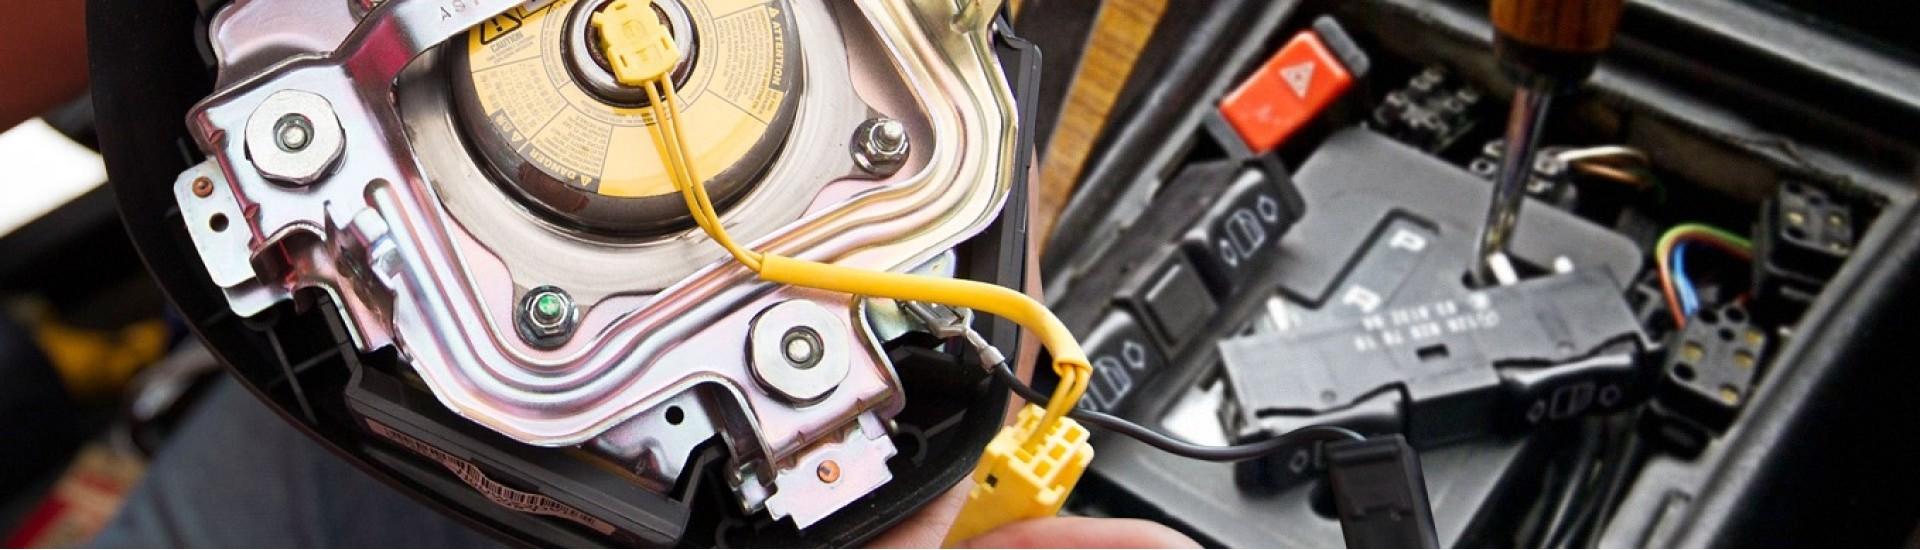 قطعات برقی ، قیمت قطعات برقی ، electrical parts